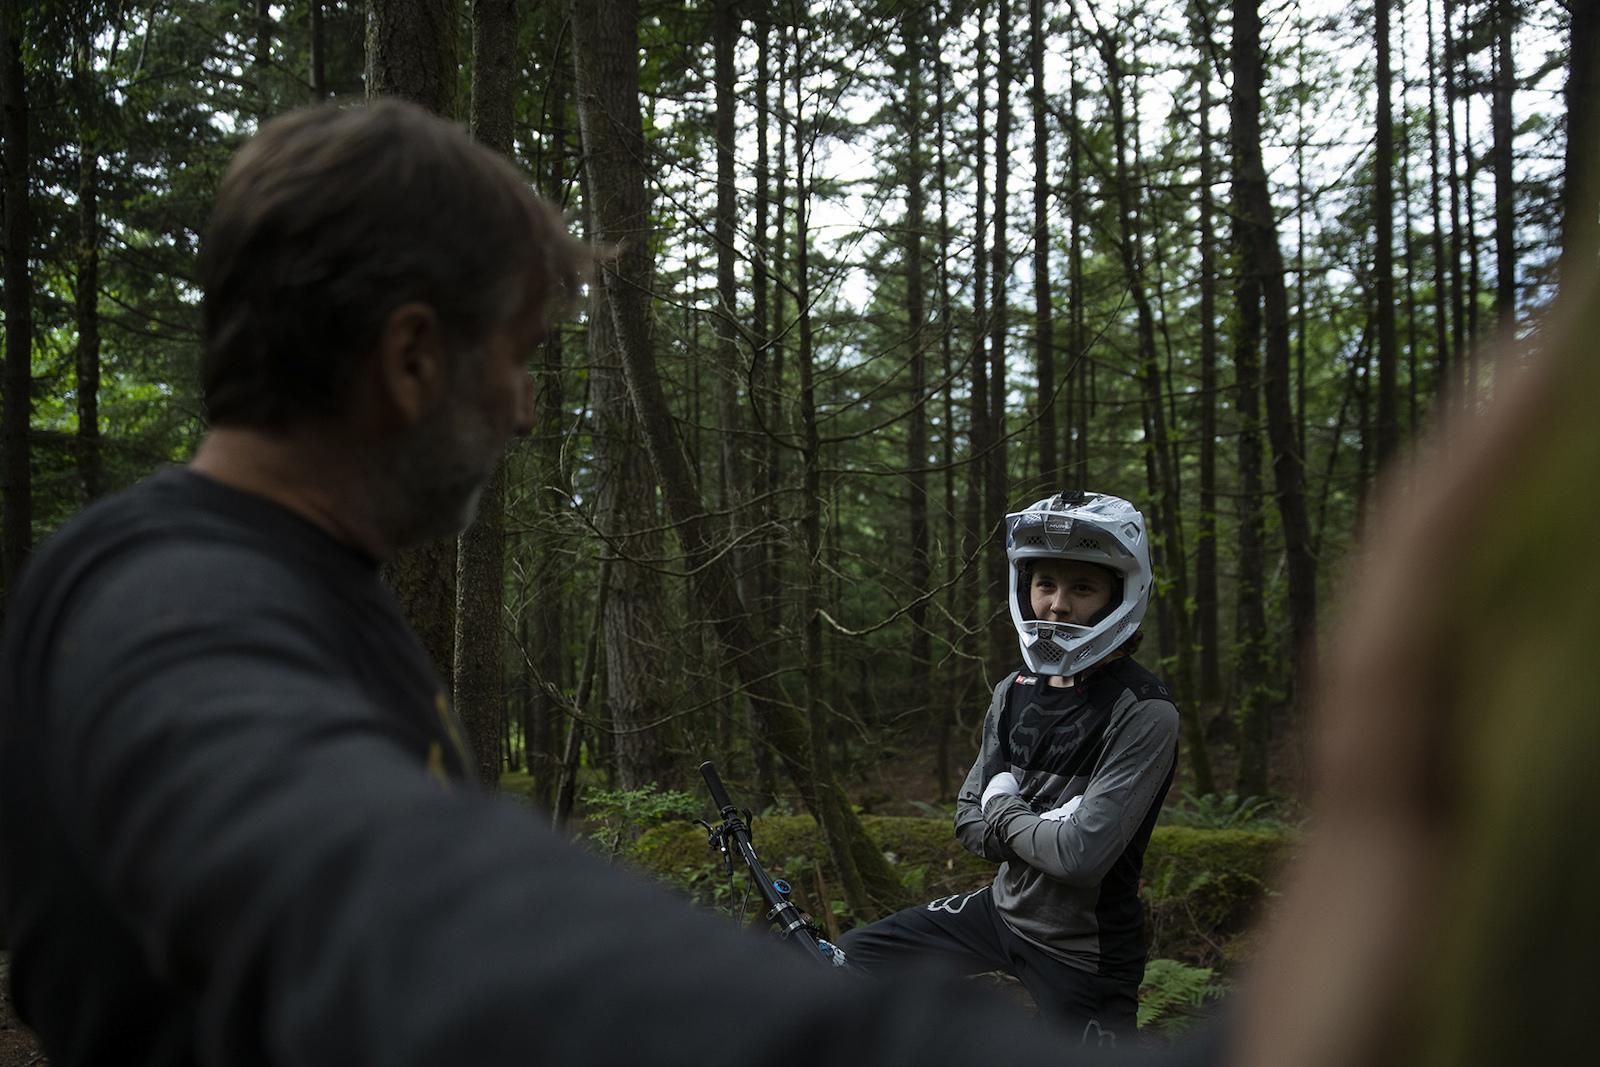 Jackson and Ron Goldstone in Squamish British Columbia Canada